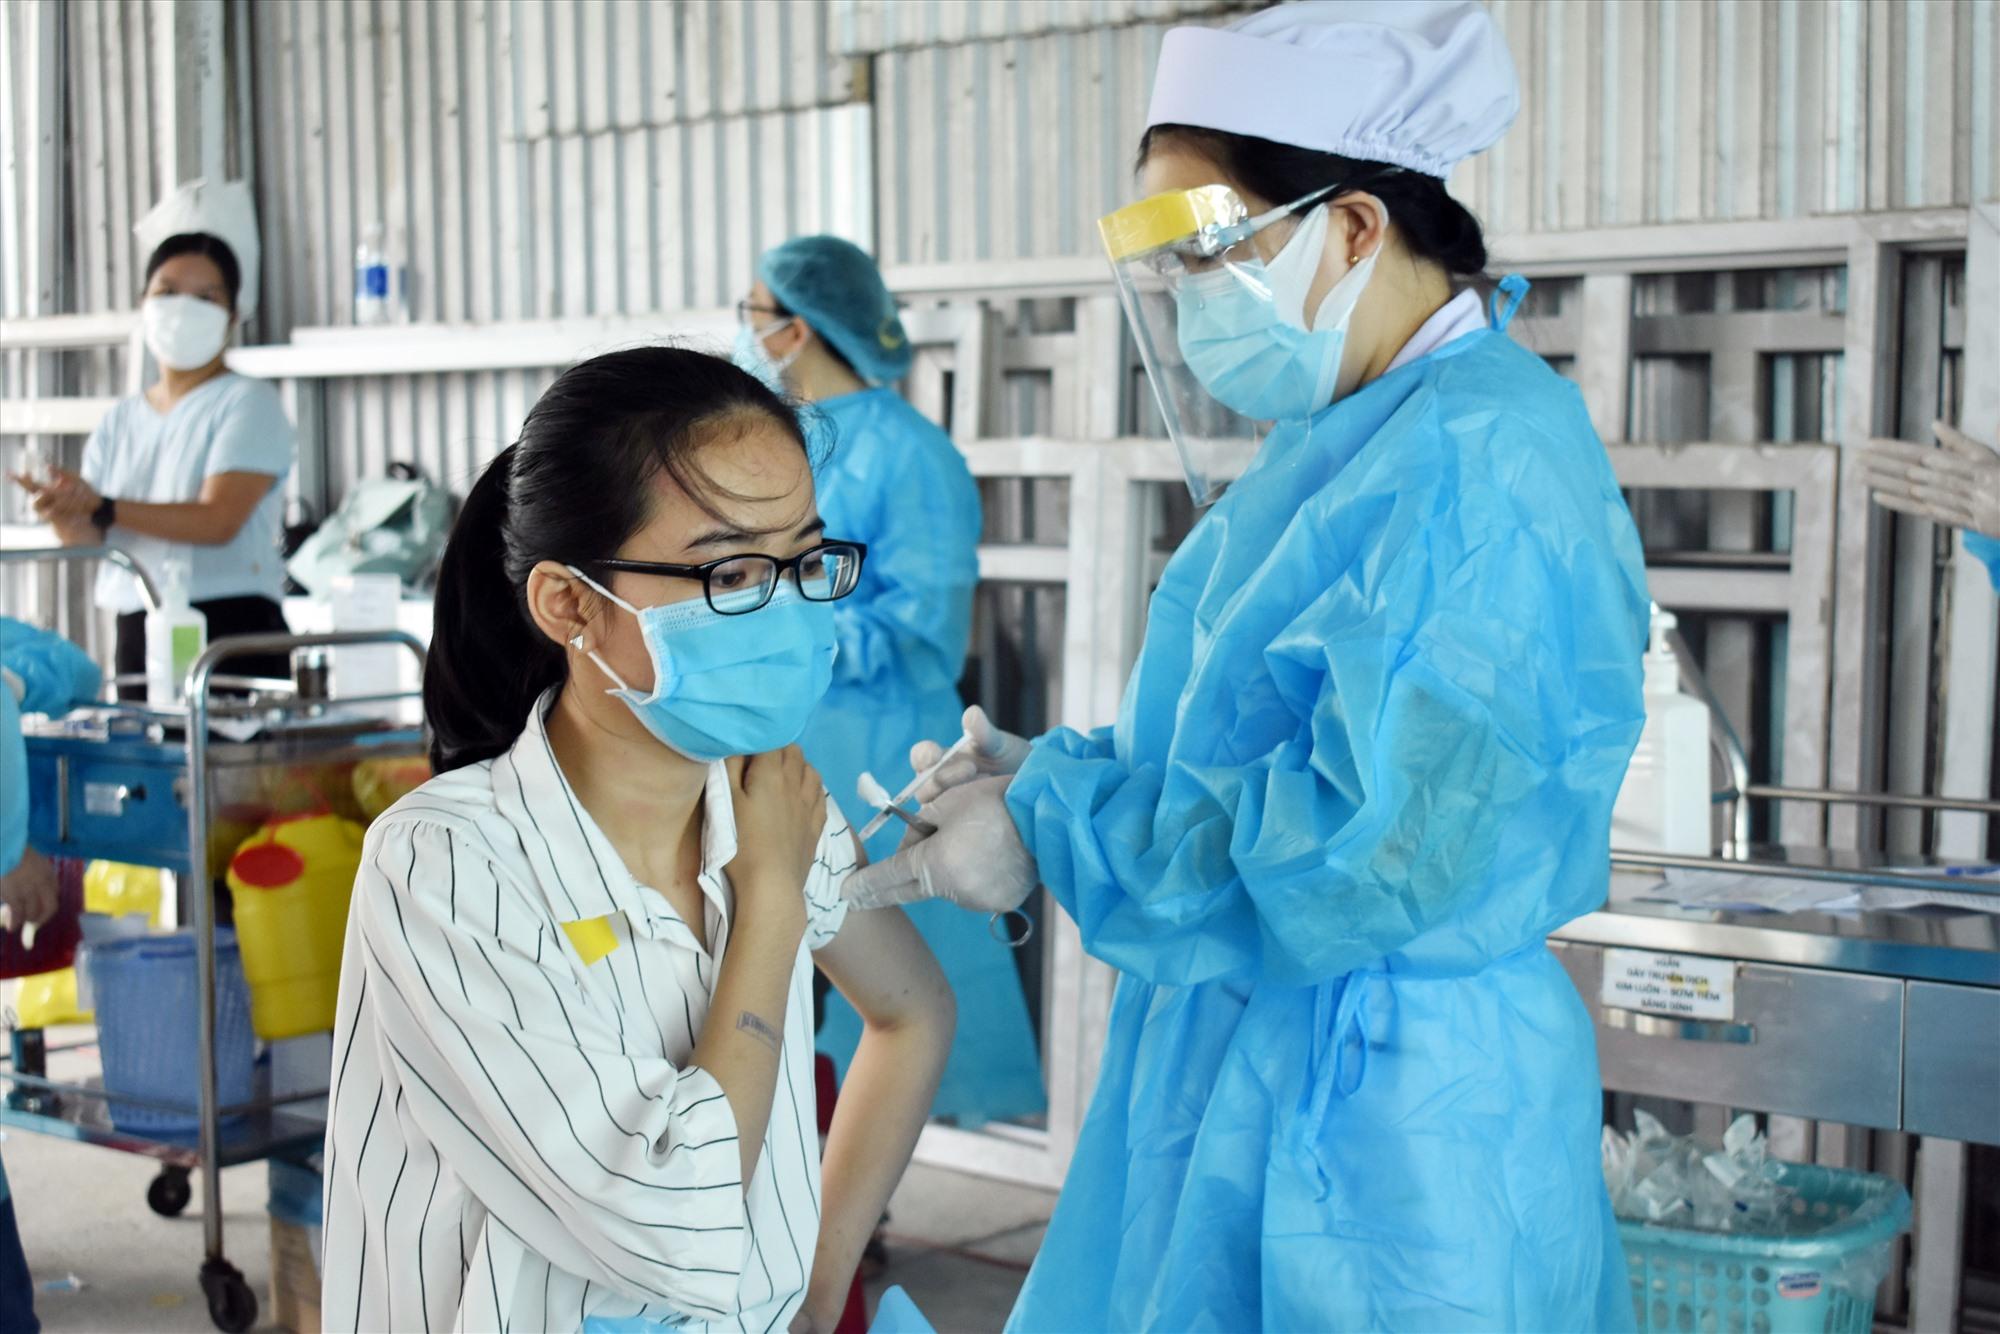 Tiêm ngừa vắc xin Covid-19 cho người lao động trong các khu, cụm công nghiệp sẽ đảm bảo hoạt động sản xuất ổn định. Ảnh: V.L